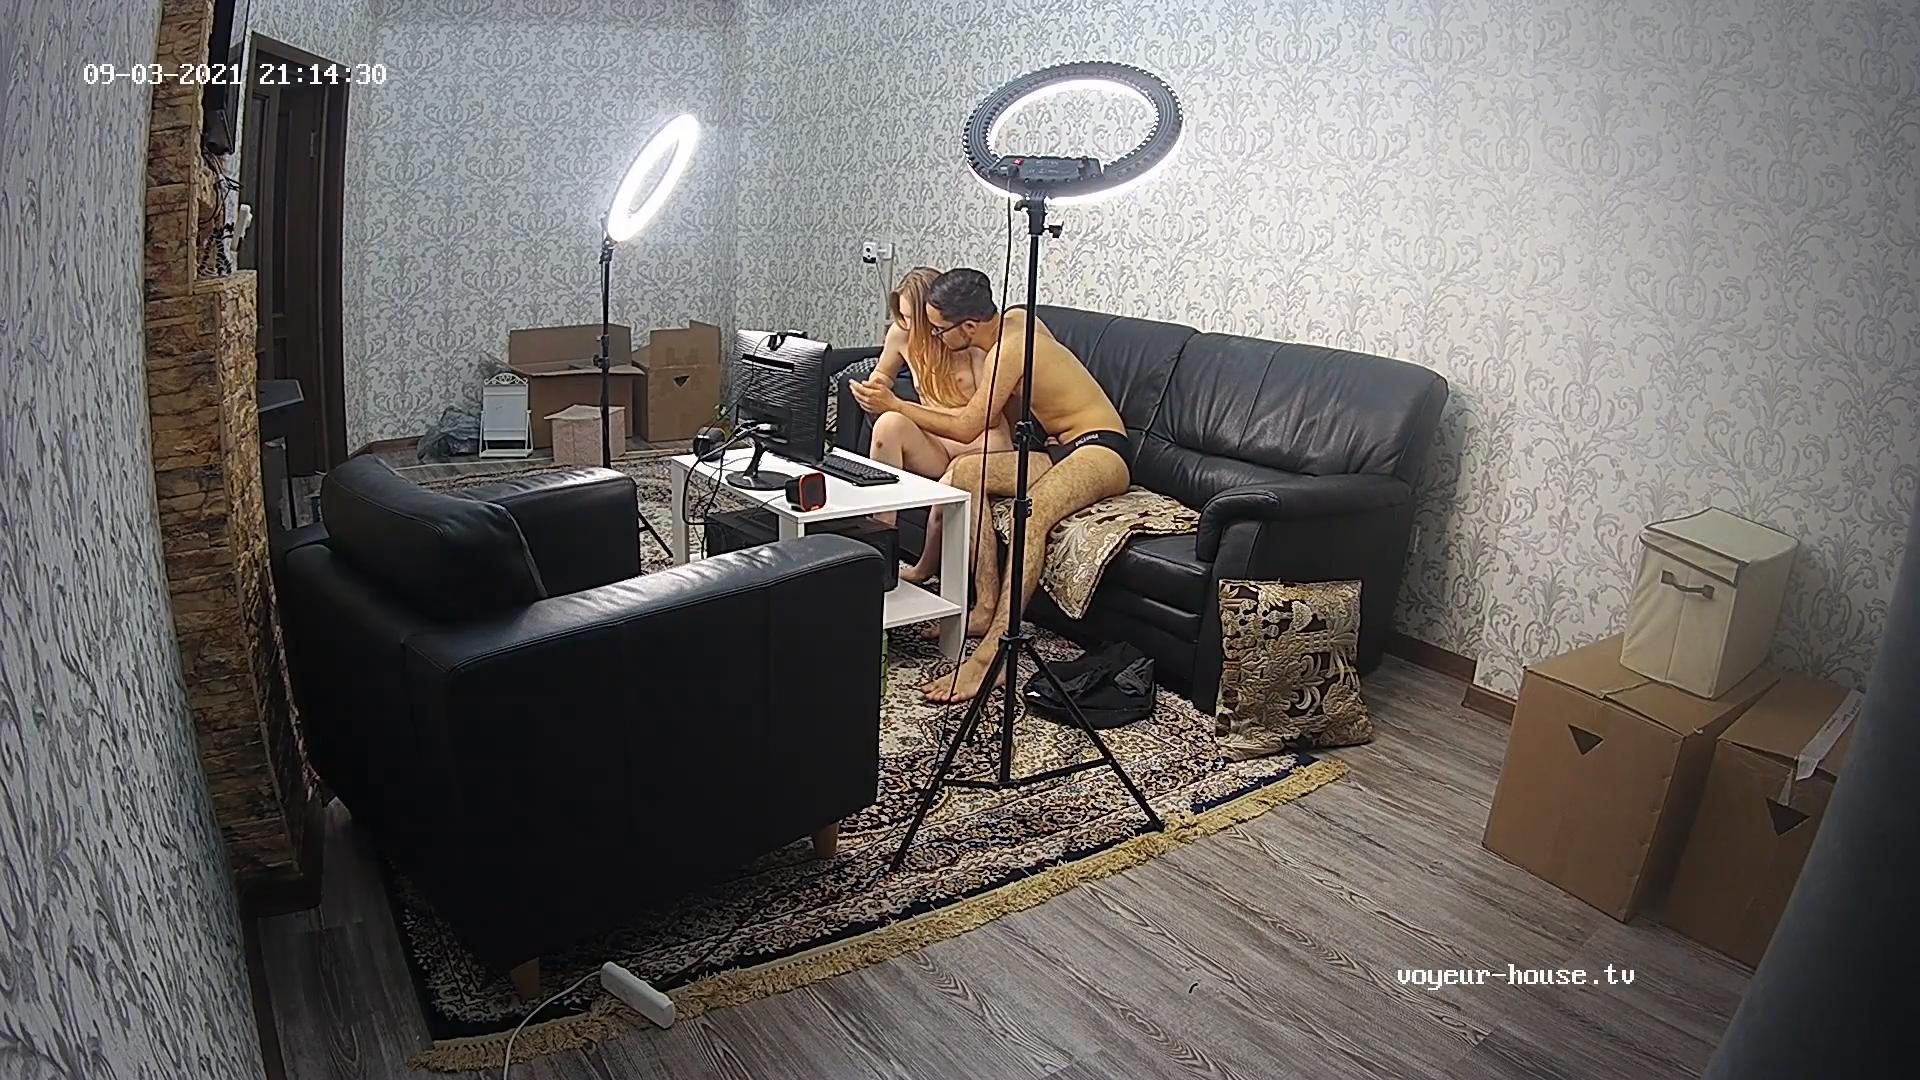 Demira Myagi sex show in Living room sep 3 2021